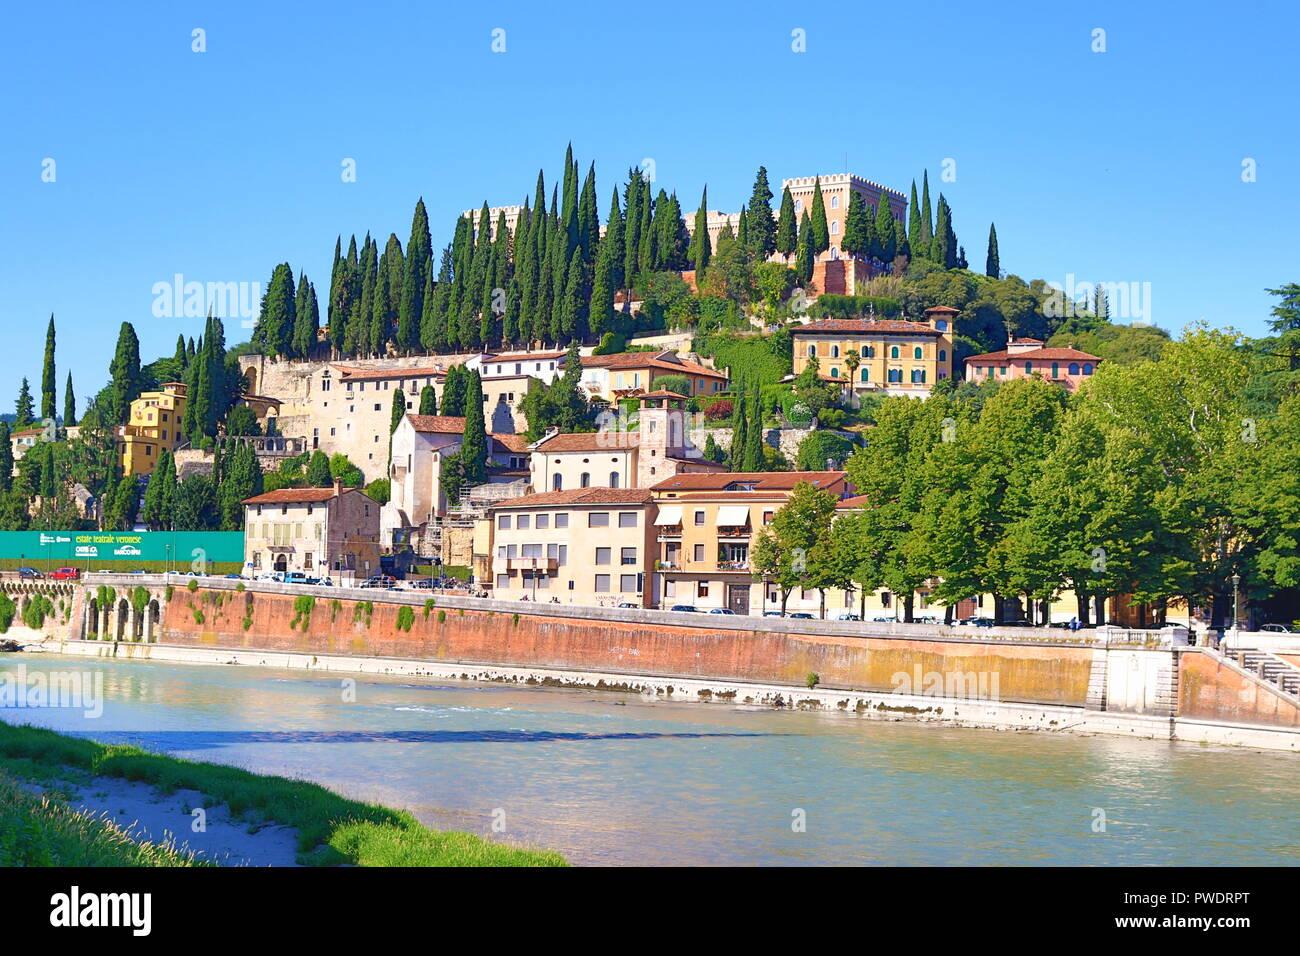 Blick auf San Pietro Hügel mit San Pietro Schloss und Etsch fließt durch  Verona, Italien. Oben auf dem Berg steht der Österreichischen Festung  Stockfotografie - Alamy